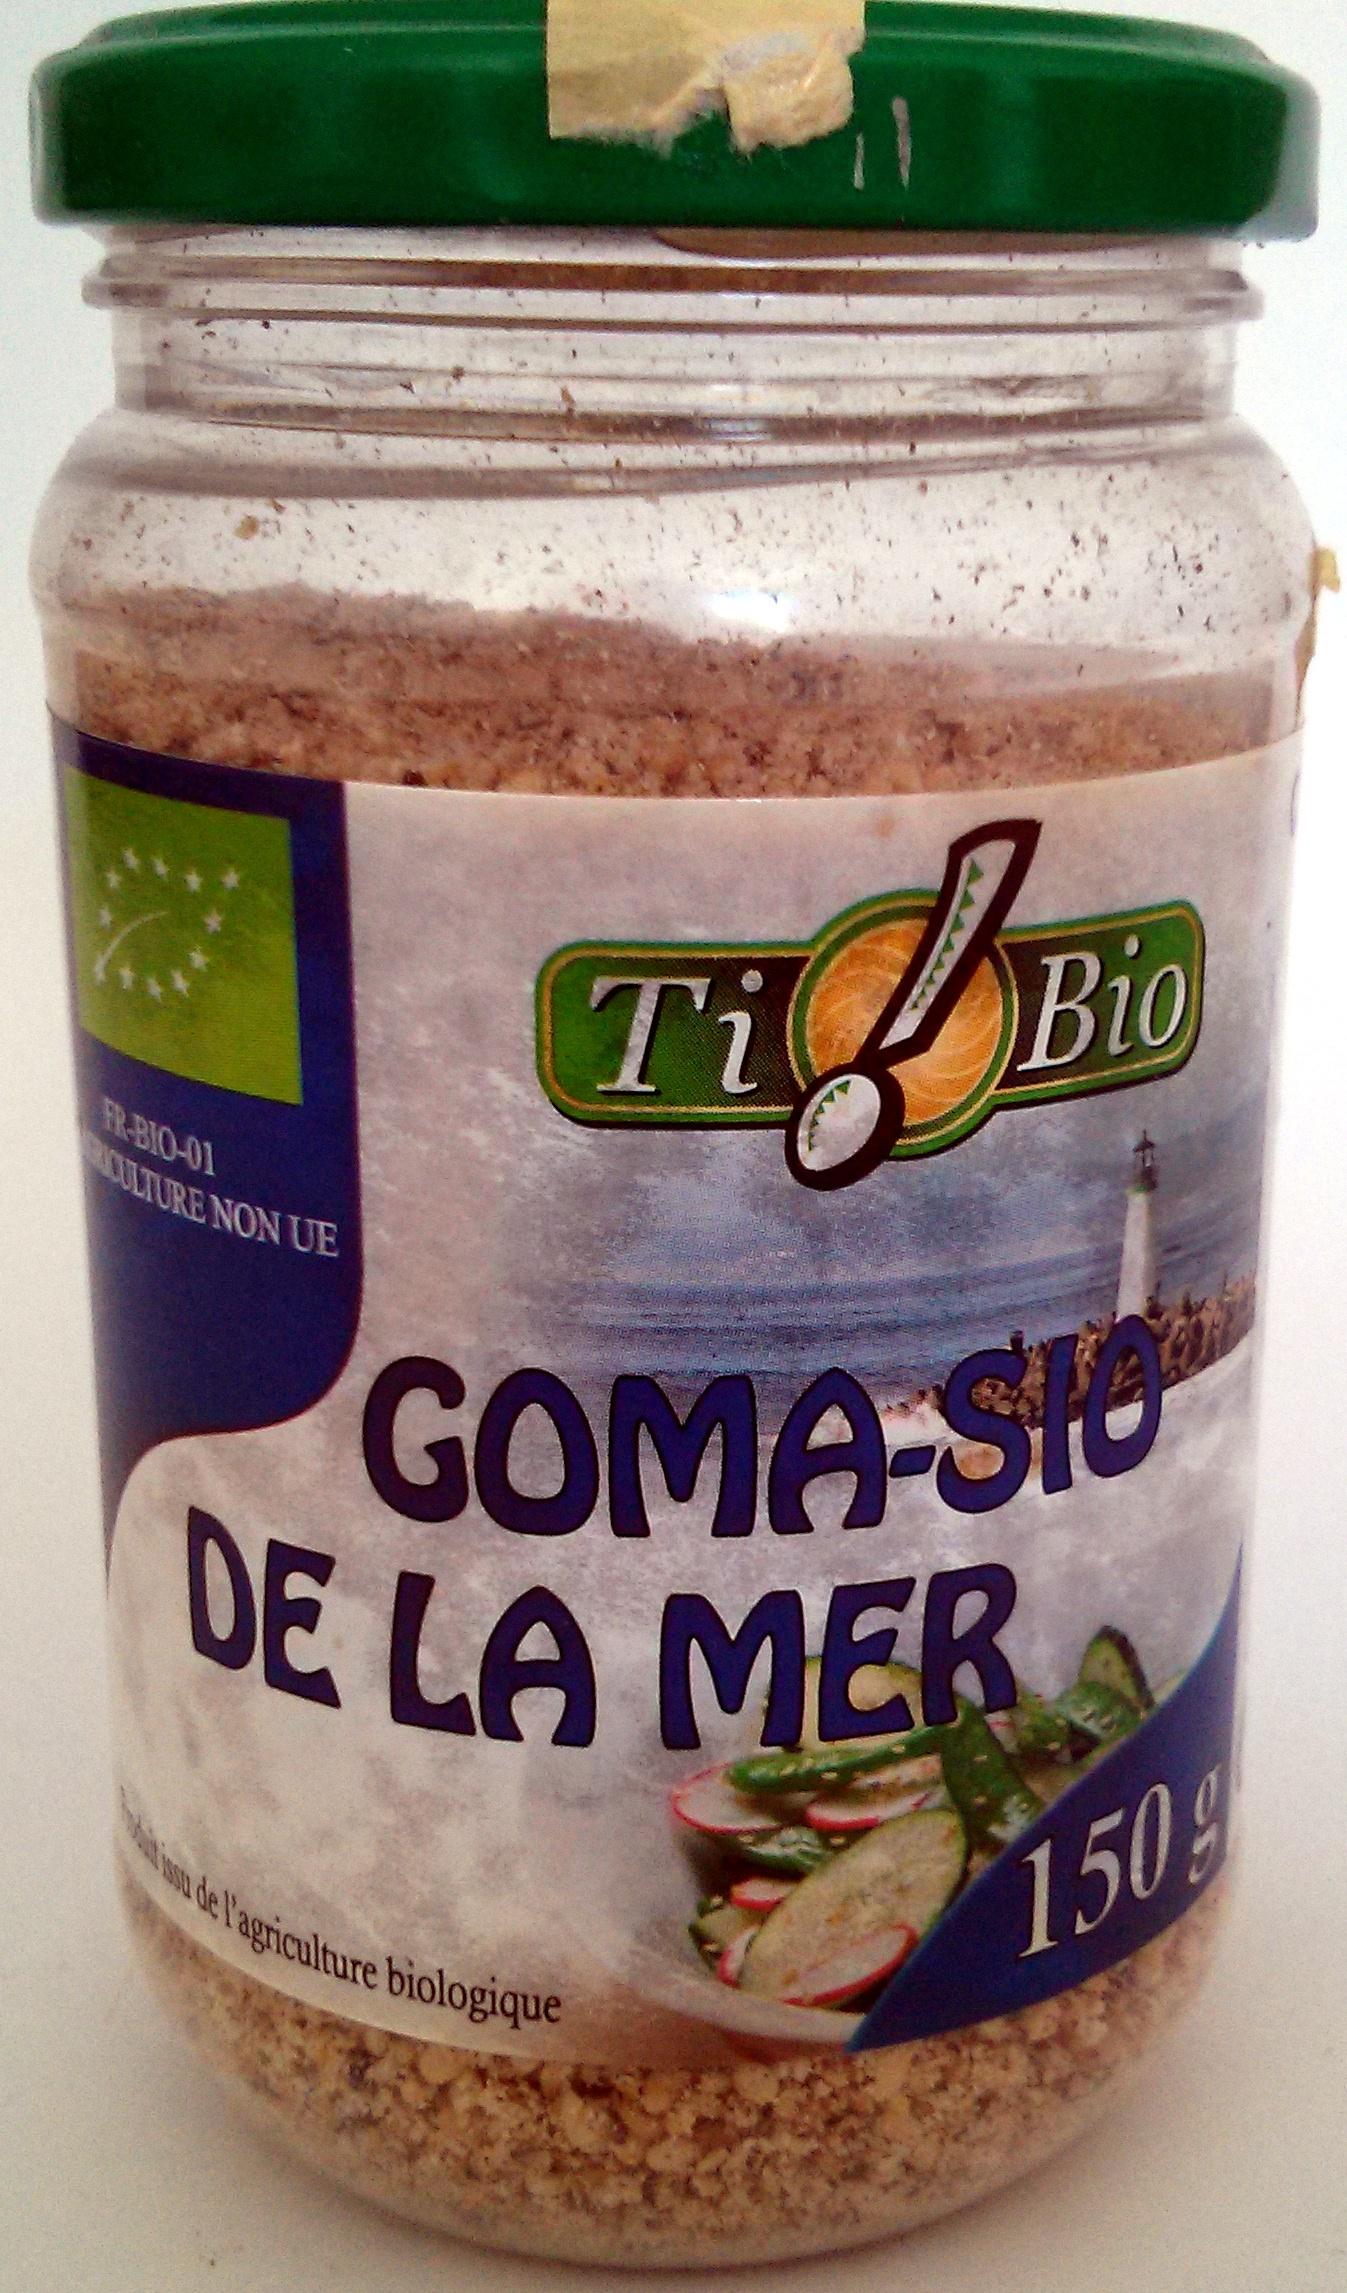 Goma-sio de la mer - Produit